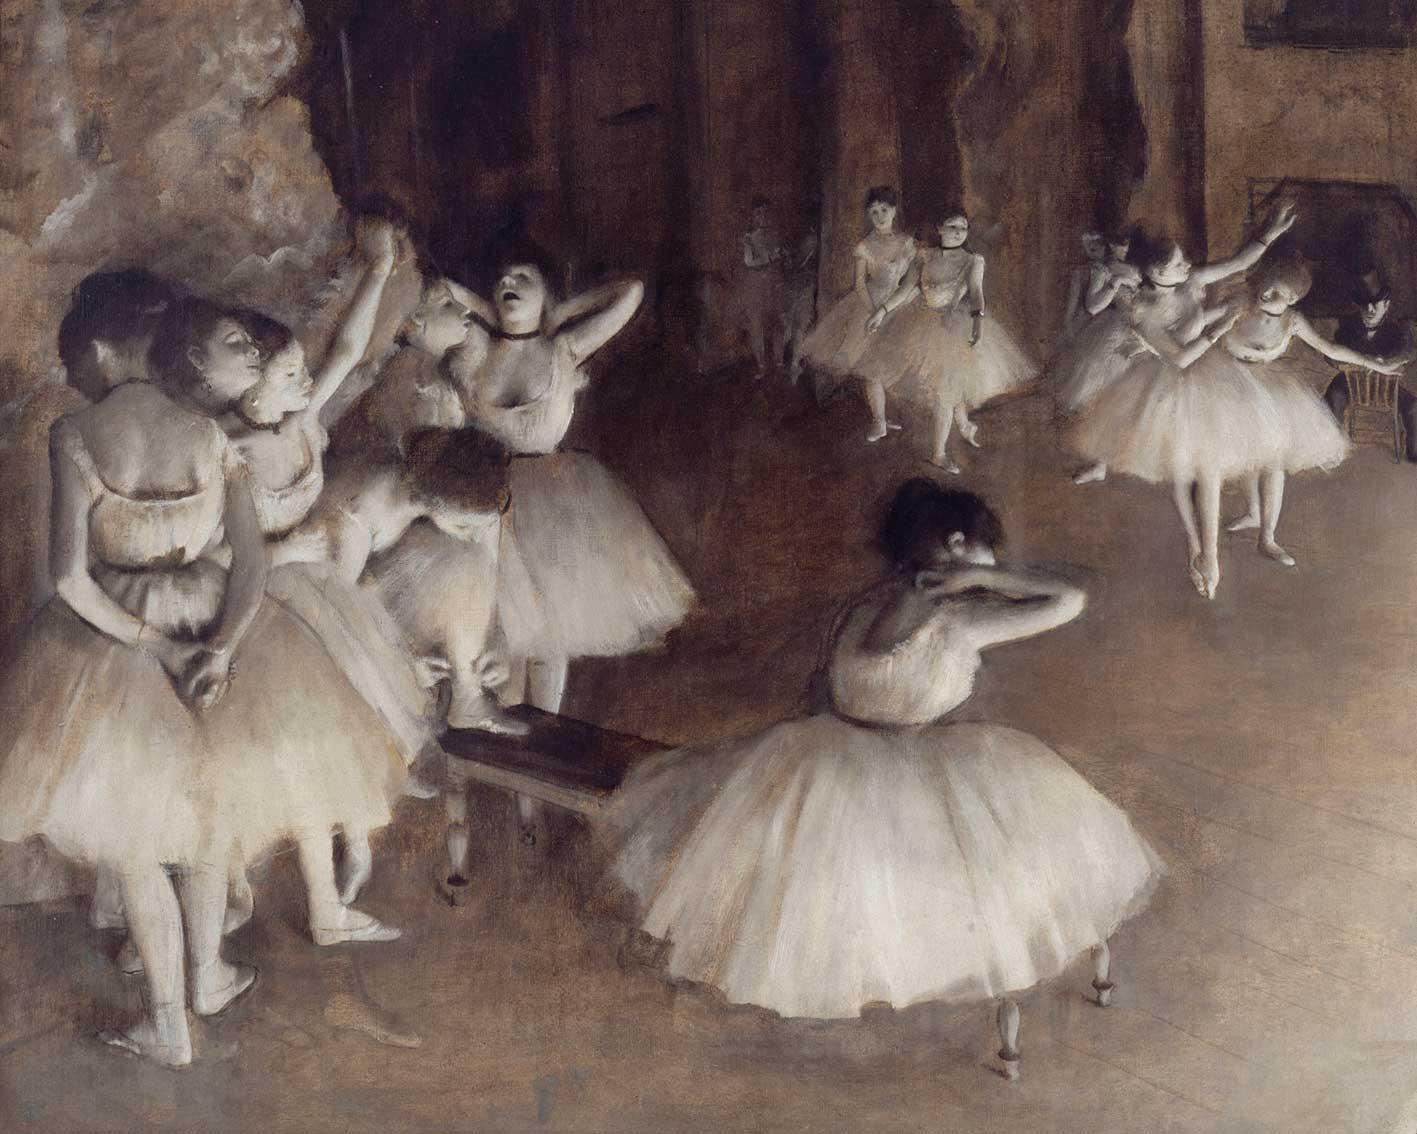 Magico viaggio nell'arte impressionista, al Vittoriano i capolavori del Musée D'Orsay